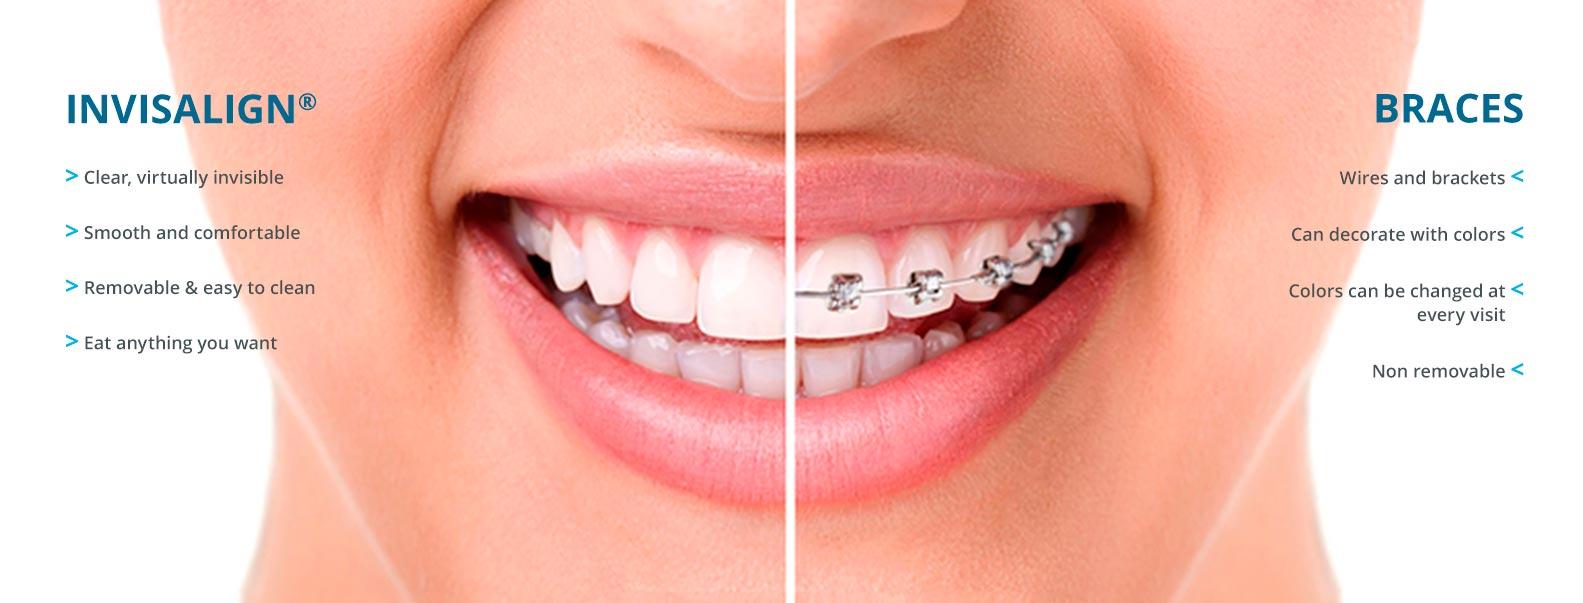 invisalign vs aparat ortodontyczny do korekty nadgryzu